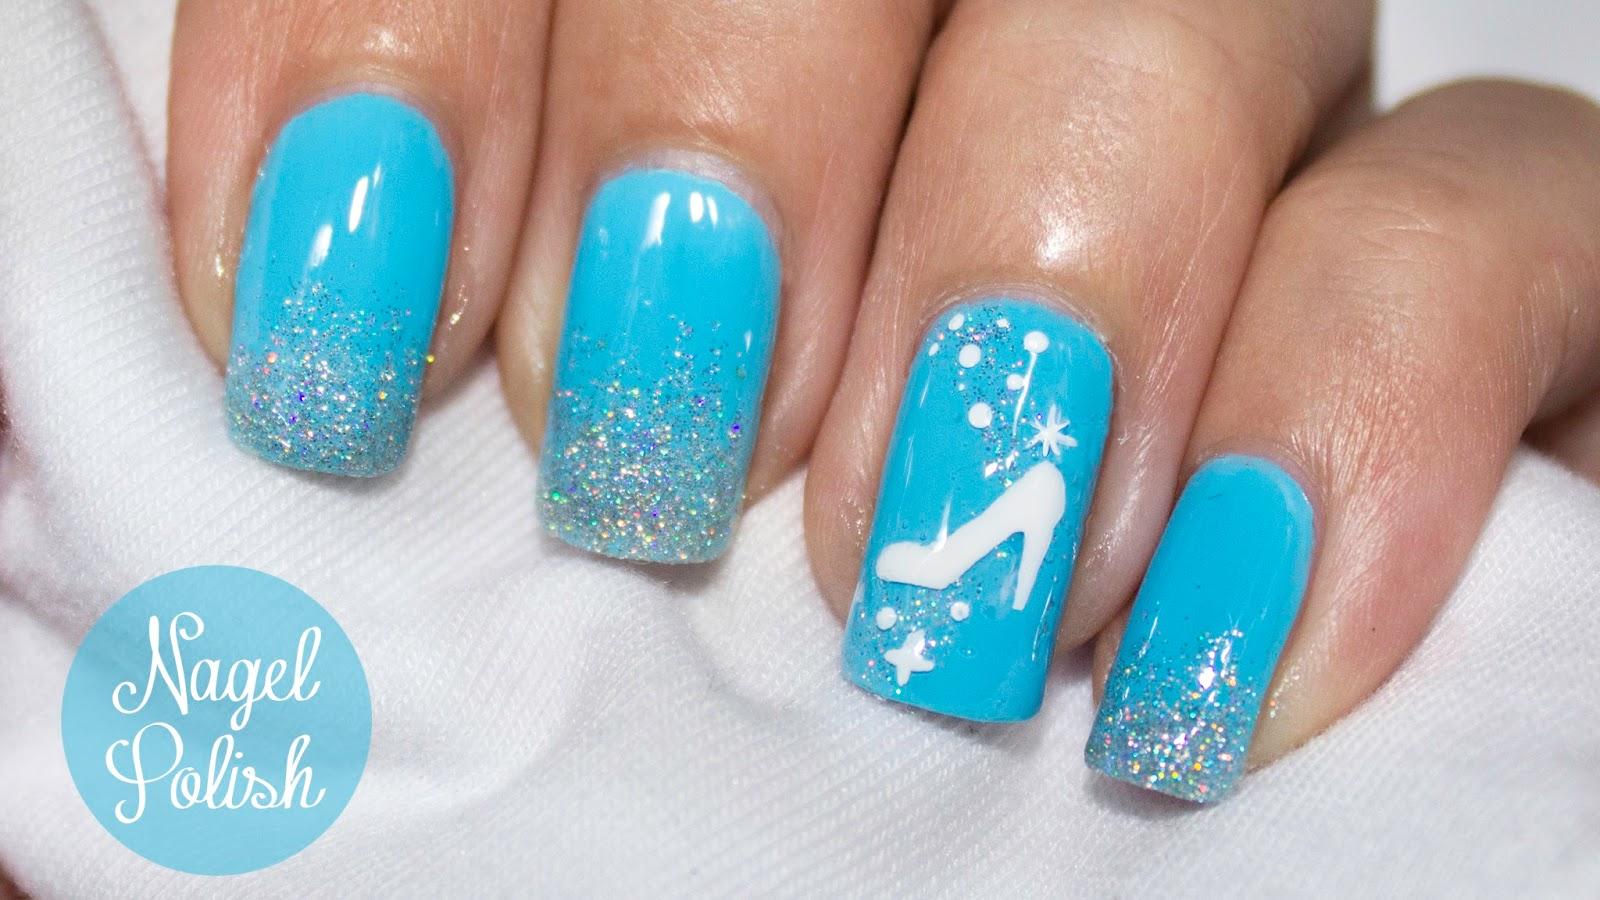 Nagel Polish | Blog rund um Nail Art!: 2015